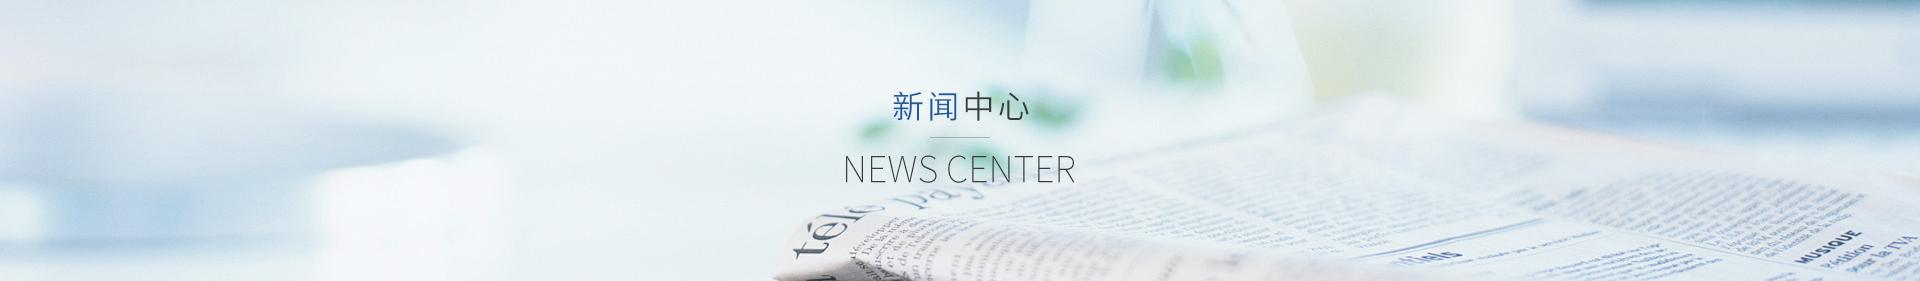 恭賀溫州精歐機械科技有限公司官方網站上線!